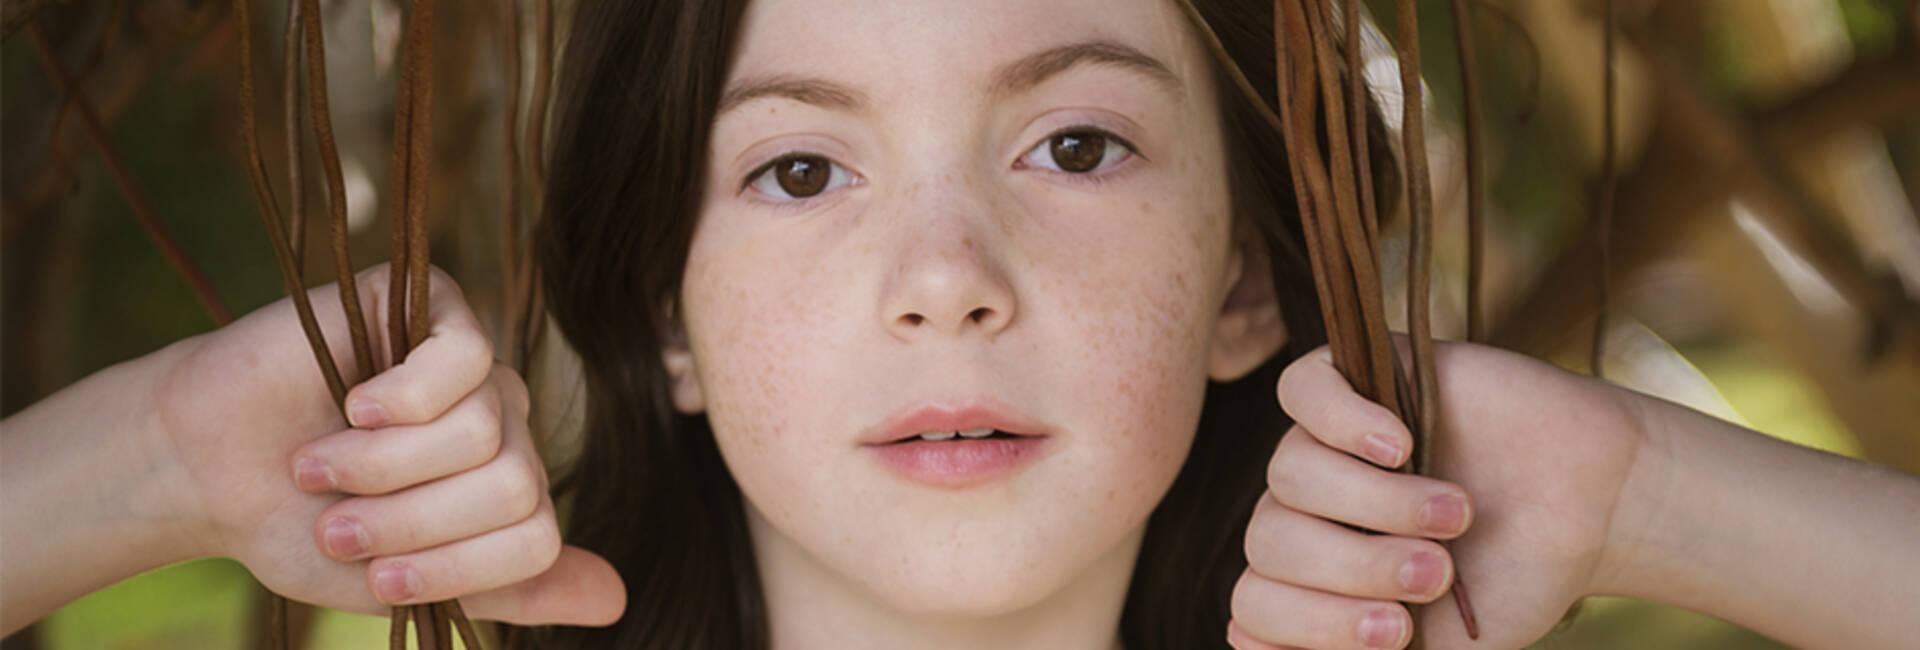 Editorial Kids de Tarsila Stocchino